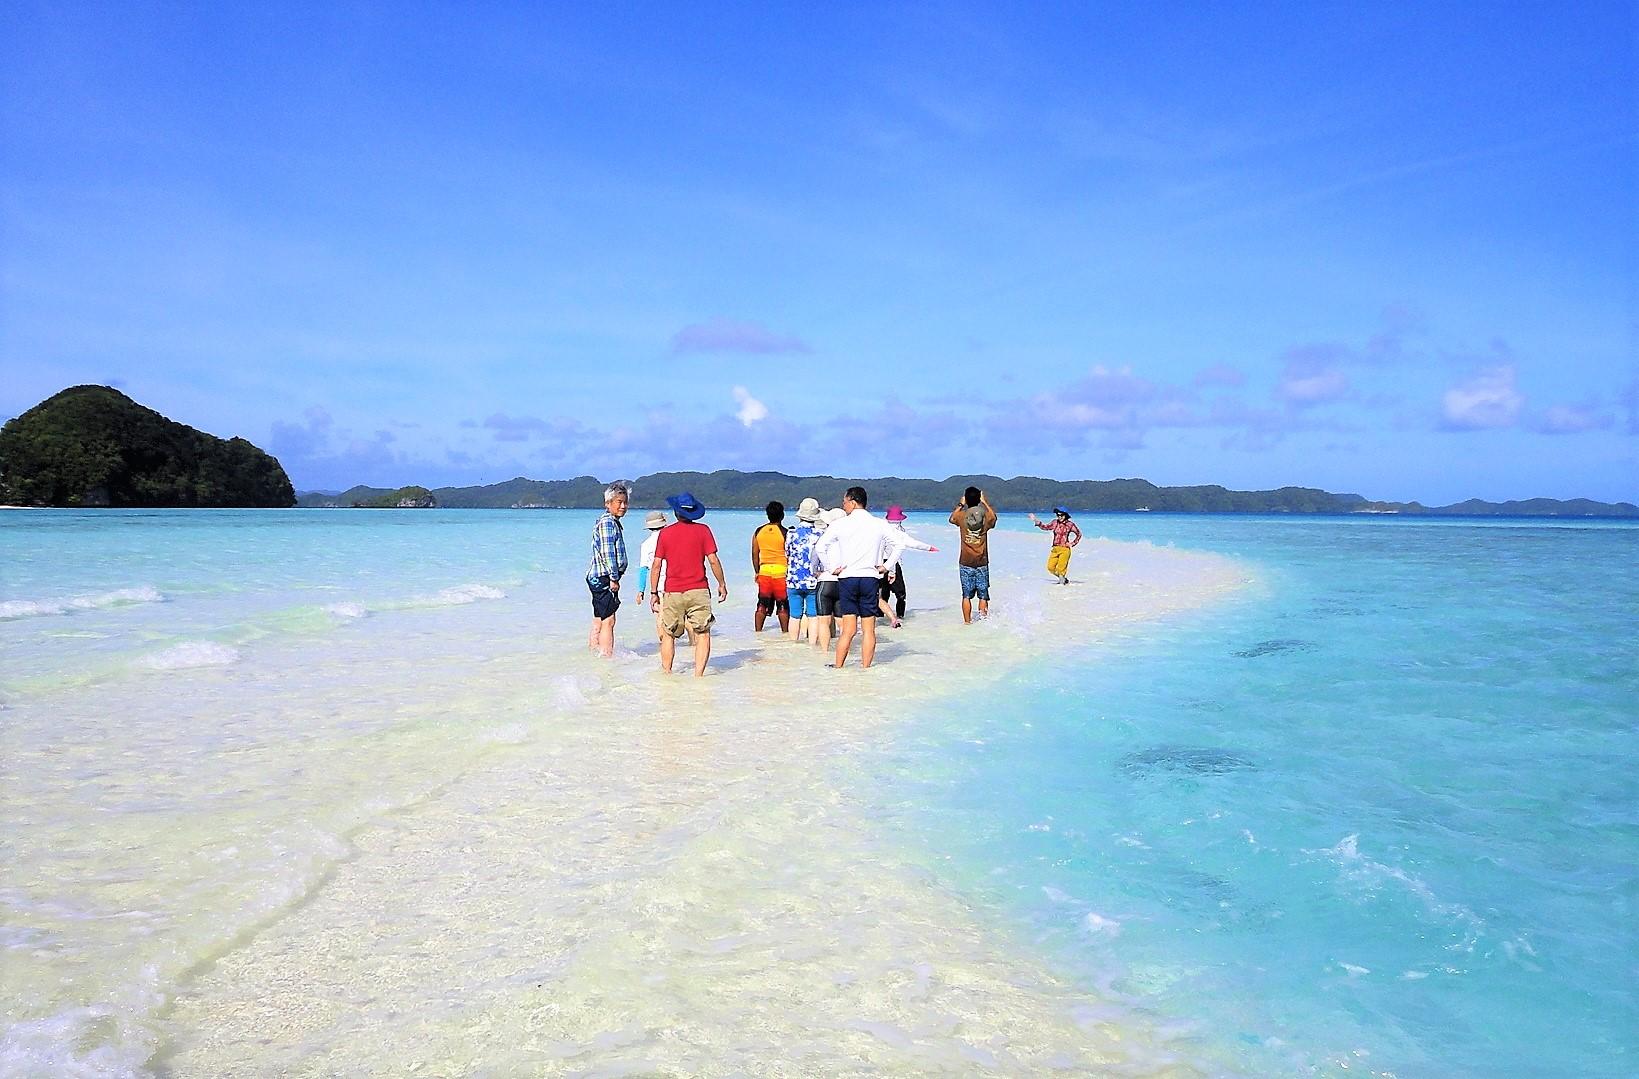 2月24日出発「南の島の大自然&歴史探訪の旅 パラオ満喫 6日間」